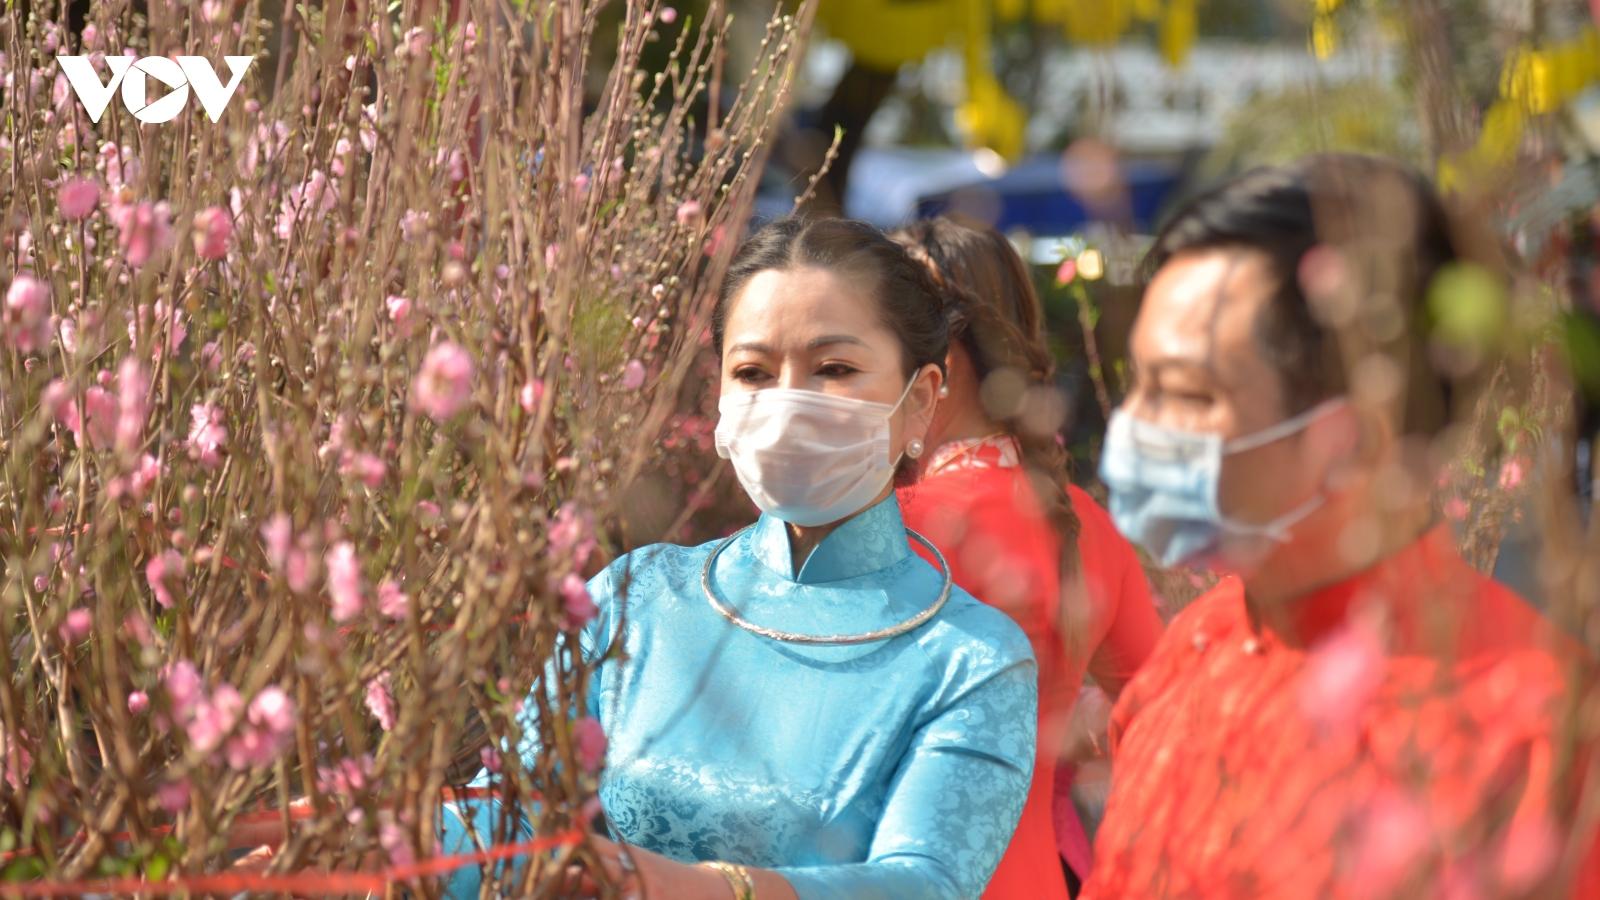 Dạo quanh chợ hoa Tết truyền thống ở phố cổ Hà Nội